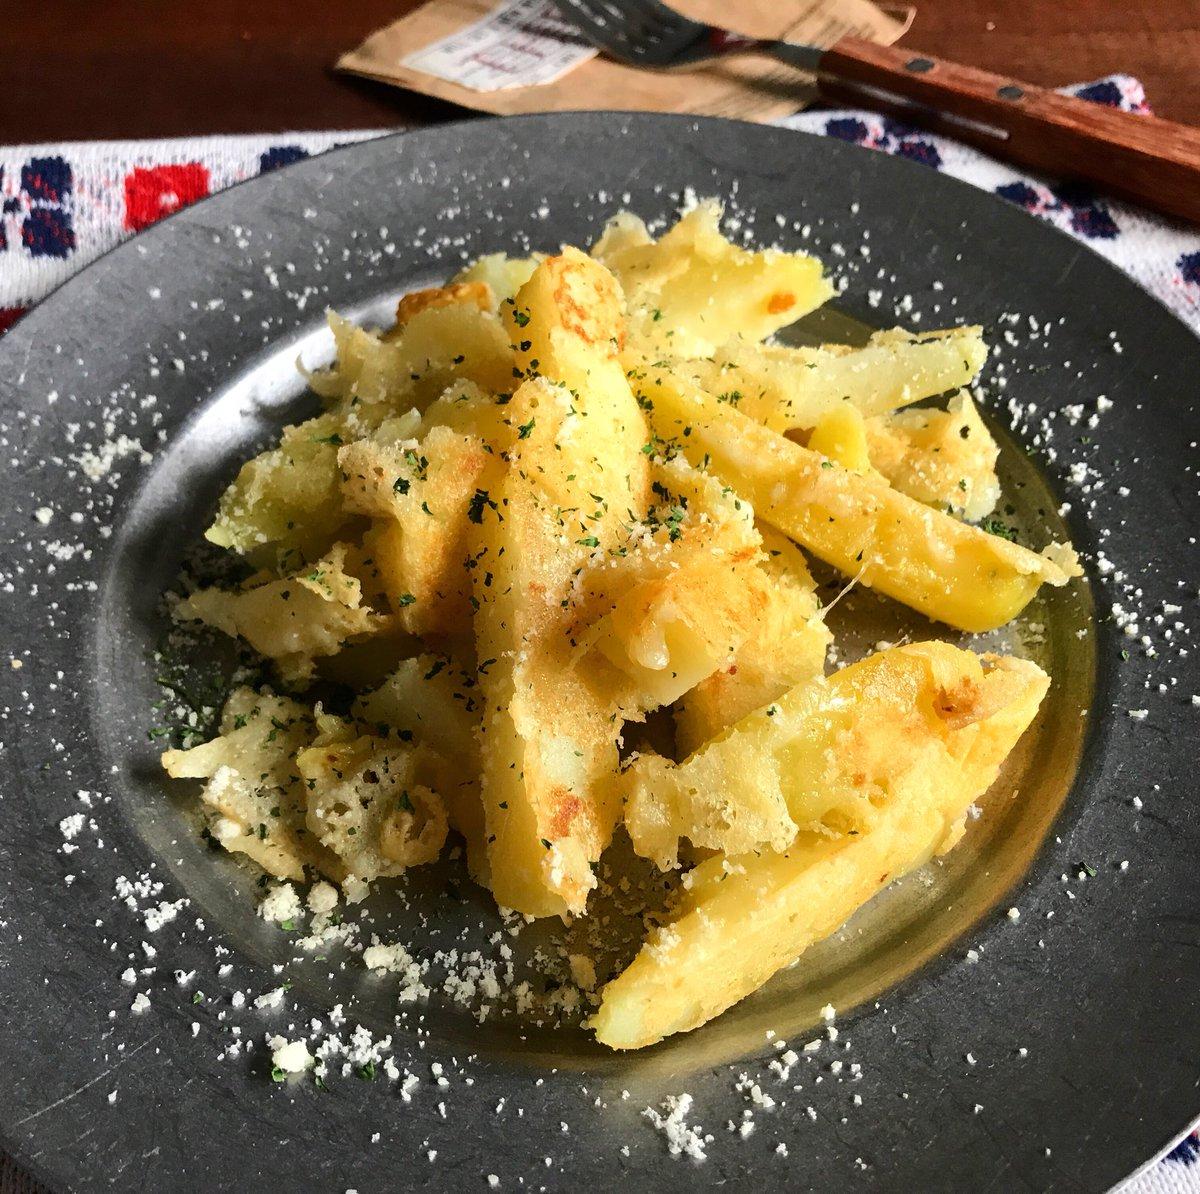 【レシピ】『コンソメダブルチーズポテト』そんなめっちゃ死ぬほど美味しいヤバイ!ってほどじゃないけどカリッとホクホクで美味しいです